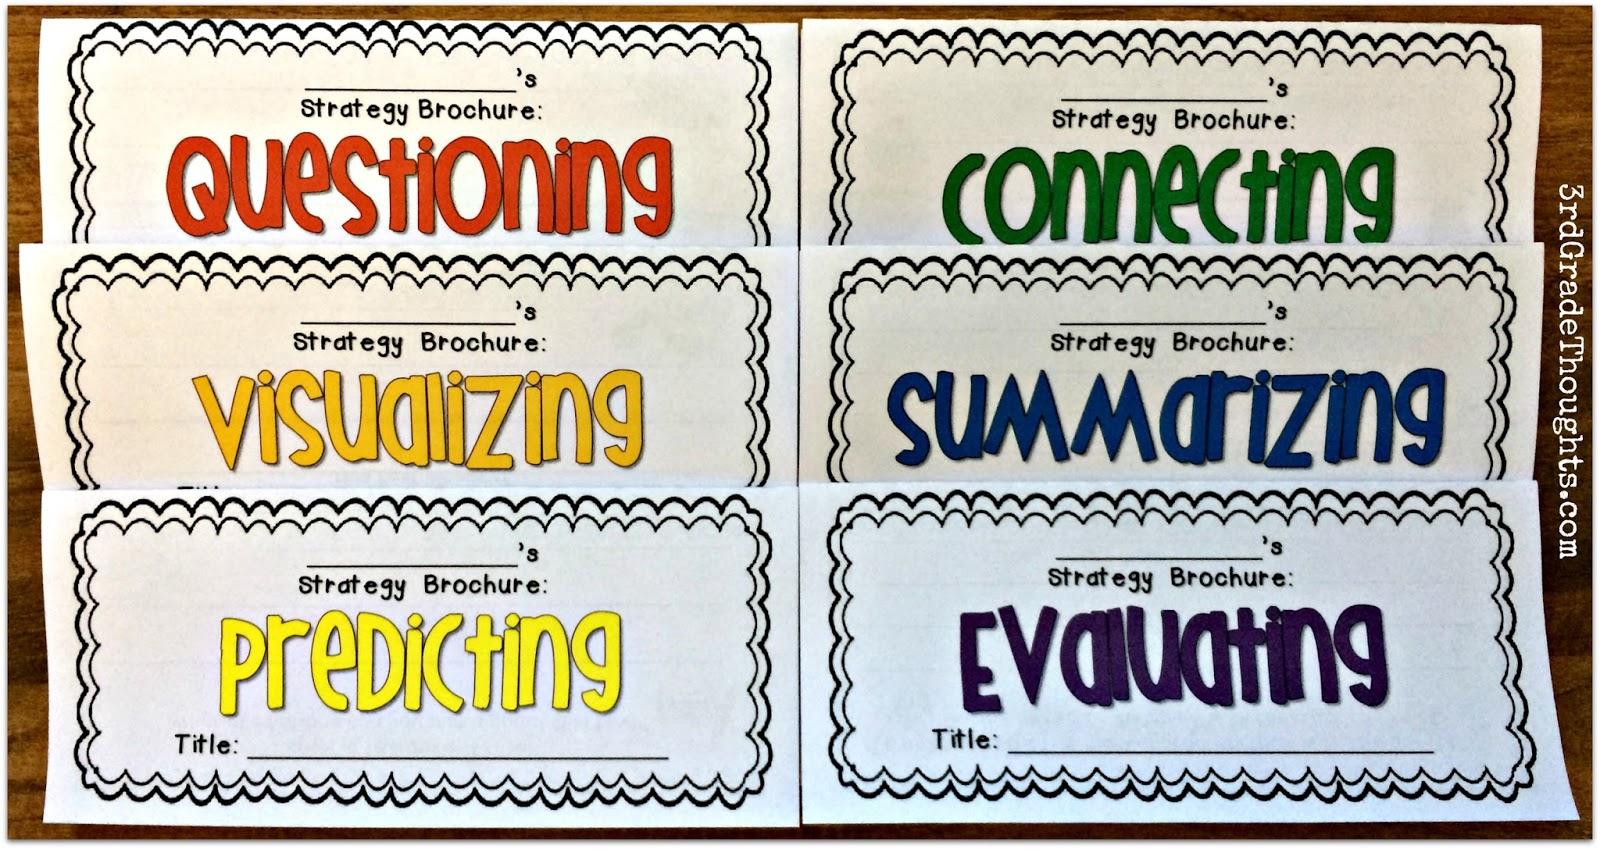 Worksheet Third Grade Reading Lessons worksheet third grade reading lessons mikyu free common core 3rd listening speaking reading